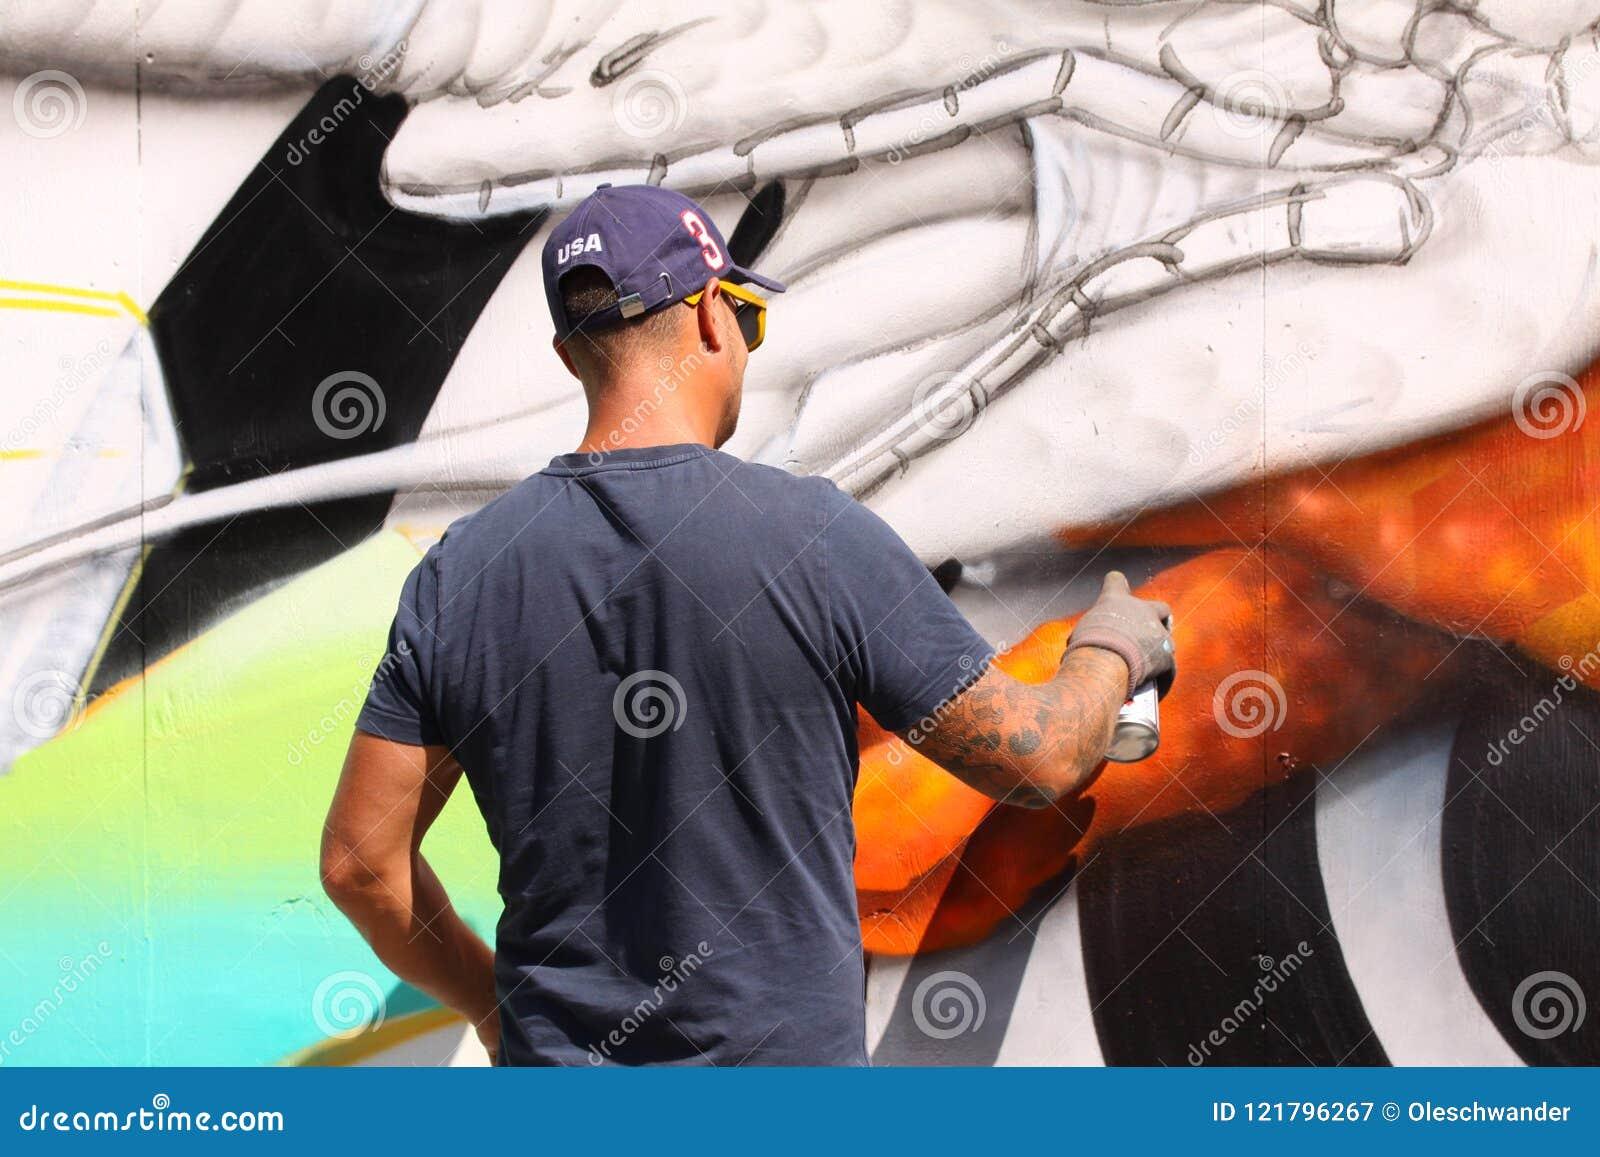 Artiste de rue peignant le graffiti coloré sur le mur - concept d art moderne avec les murales vivants de peinture urbaine de typ